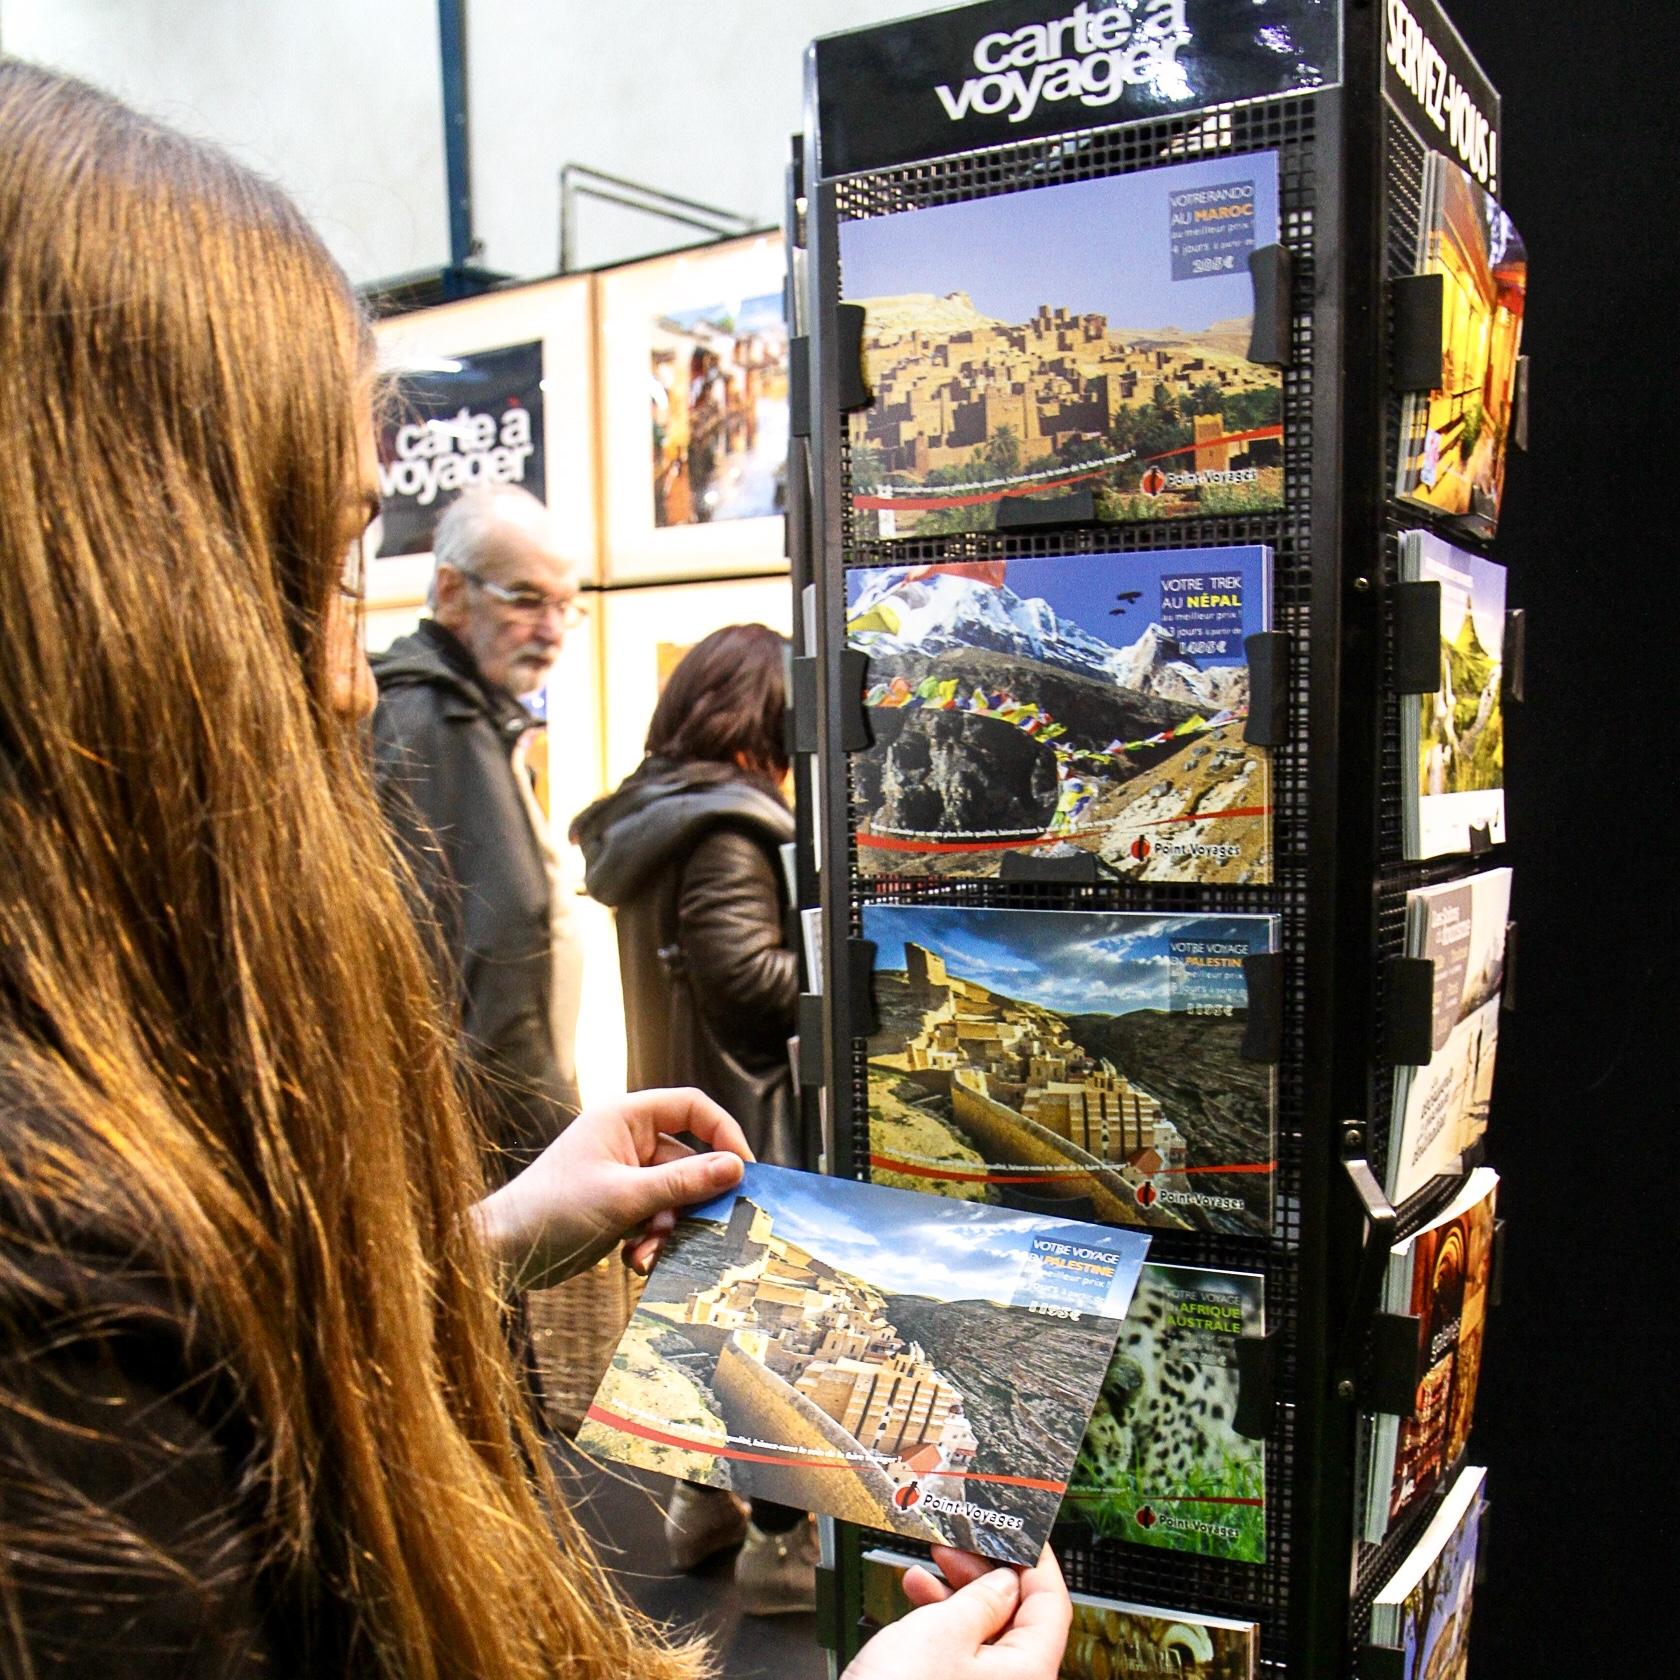 c-05-Carte-a-Voyager-cartes-postales-gratuites-offertes-visiteurs-salons-tourisme-mahana-tourissima-lille-lyon-paris-salon-mondial-du-tourisme-servez-vous